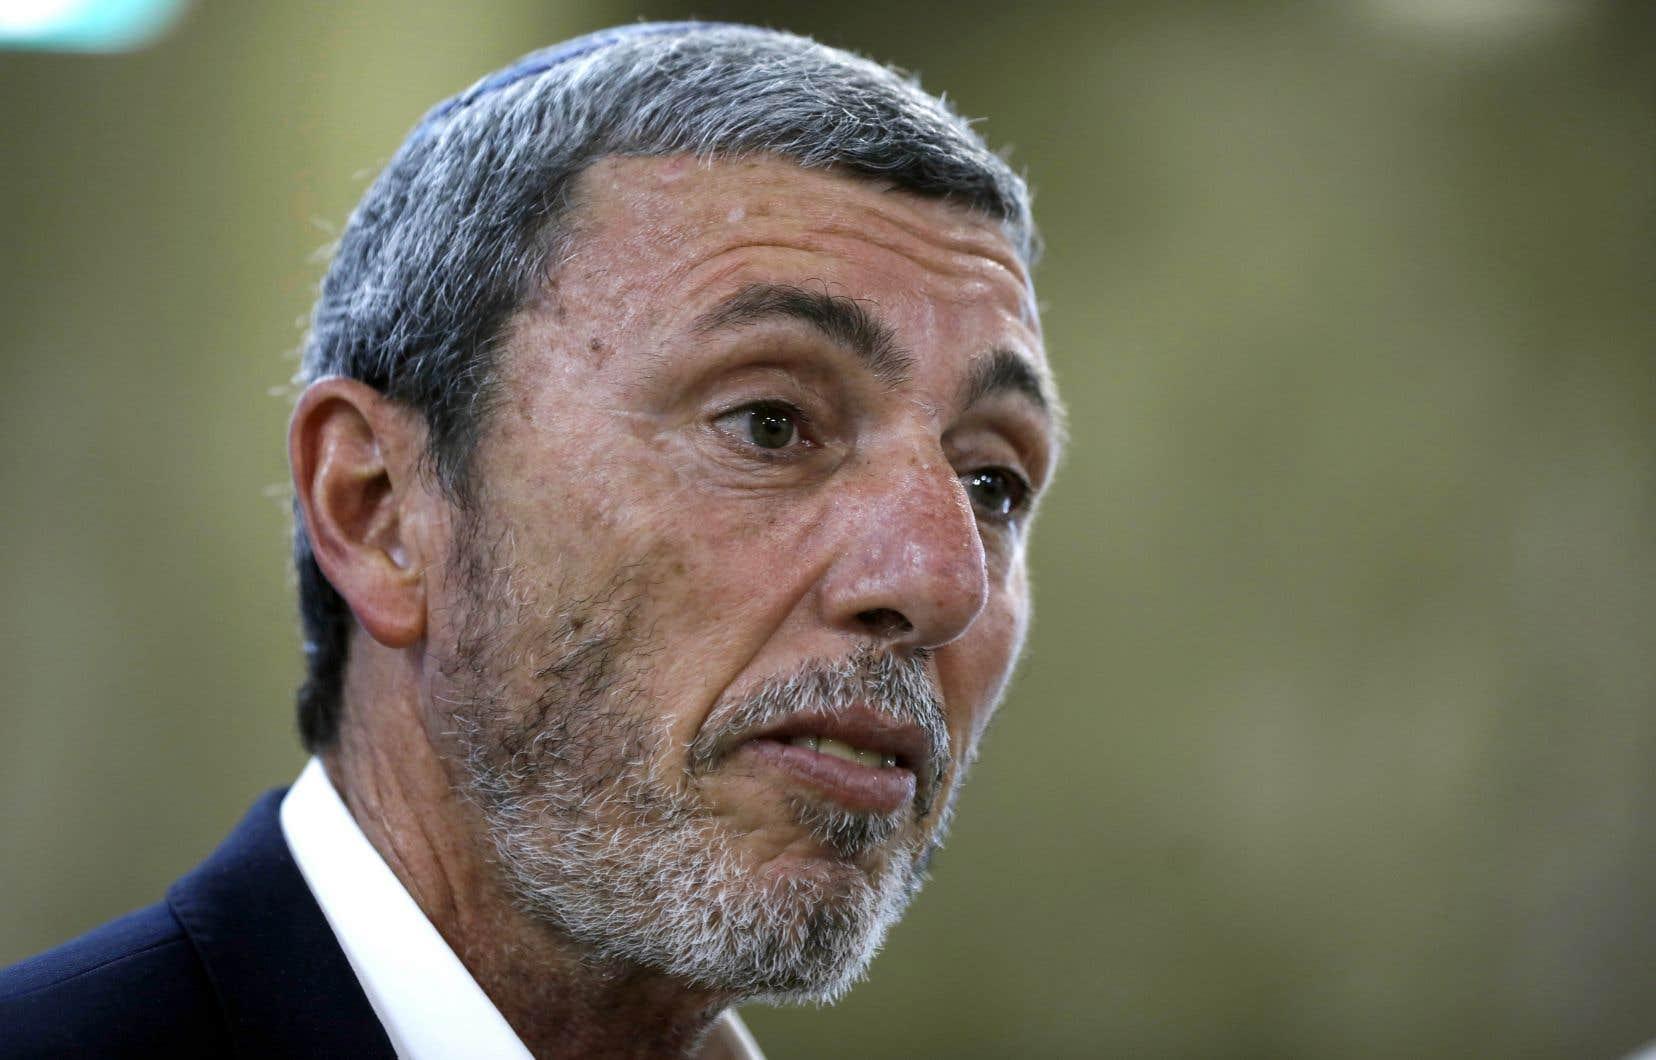 Le ministre israélien de l'Éducation, Rafi Peretz, a conseillé à un étudiant homosexuel de «bien réfléchir».